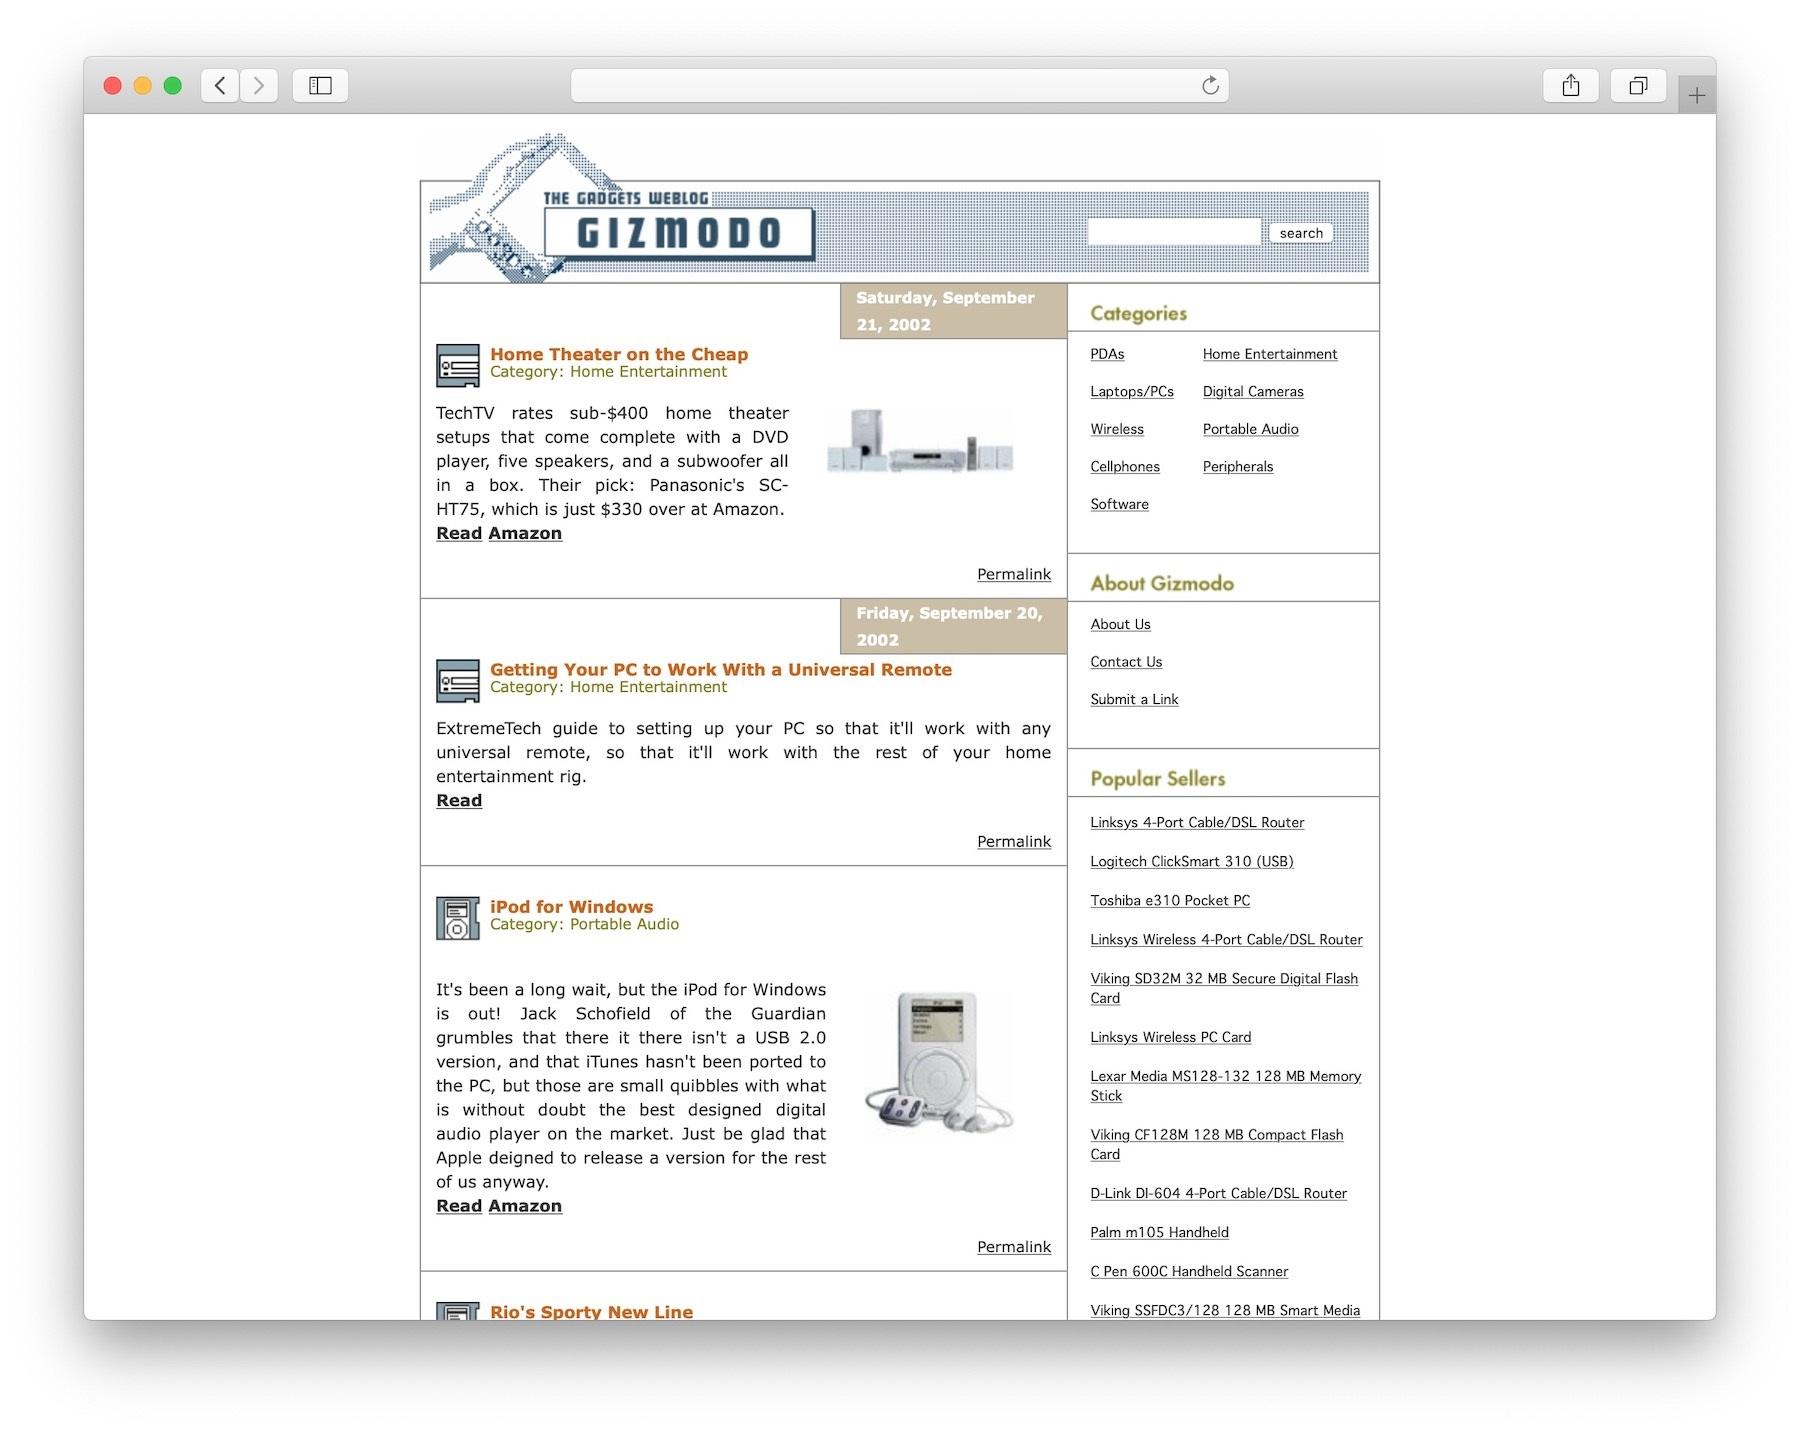 The original Gizmodo blog